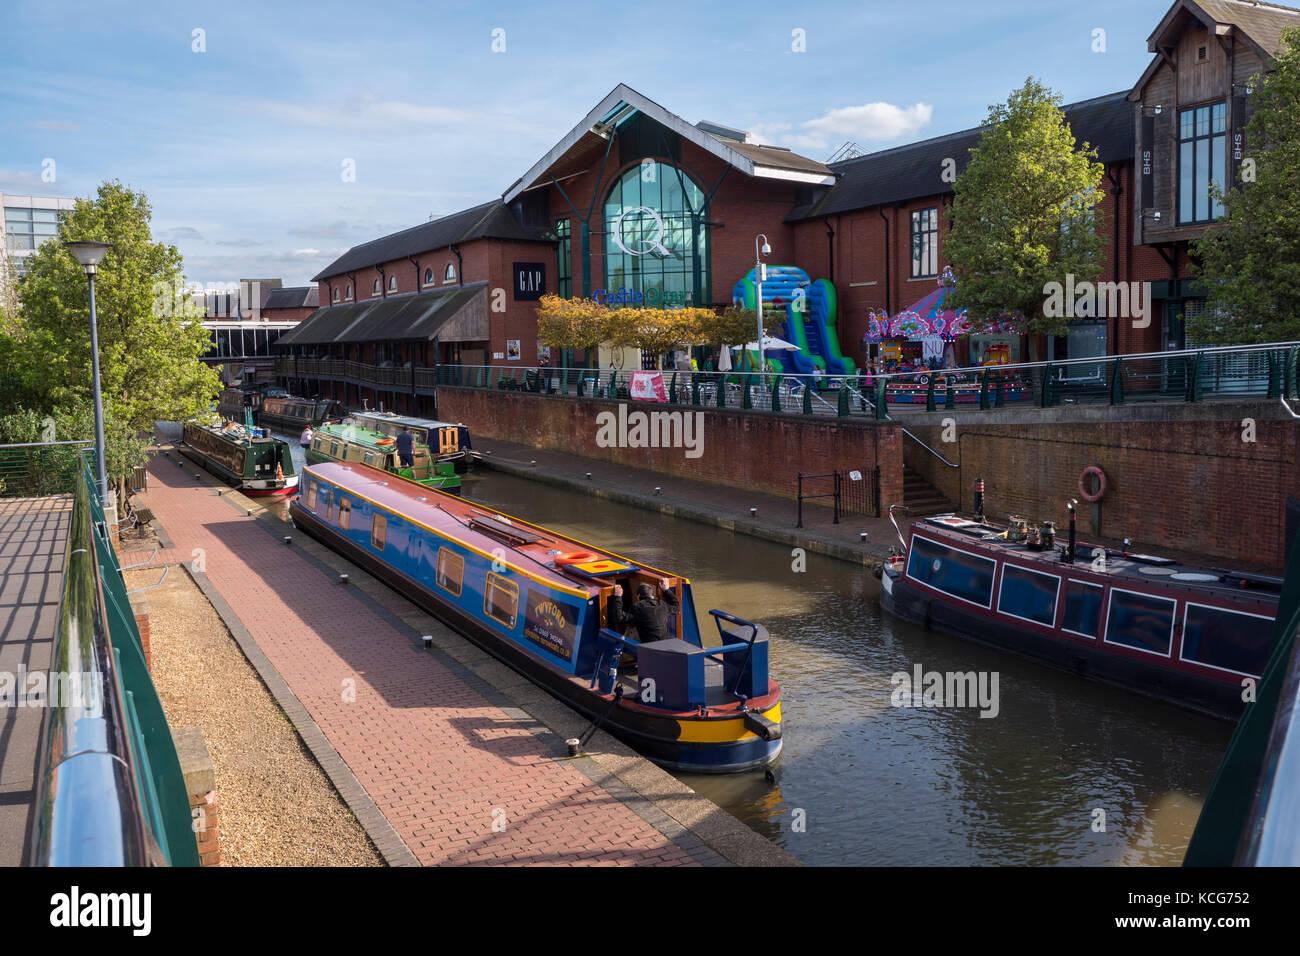 Kanal Boote auf der Oxford canal auf Schloss Quay Einkaufszentrum Banbury Oxfordshire england Stockbild